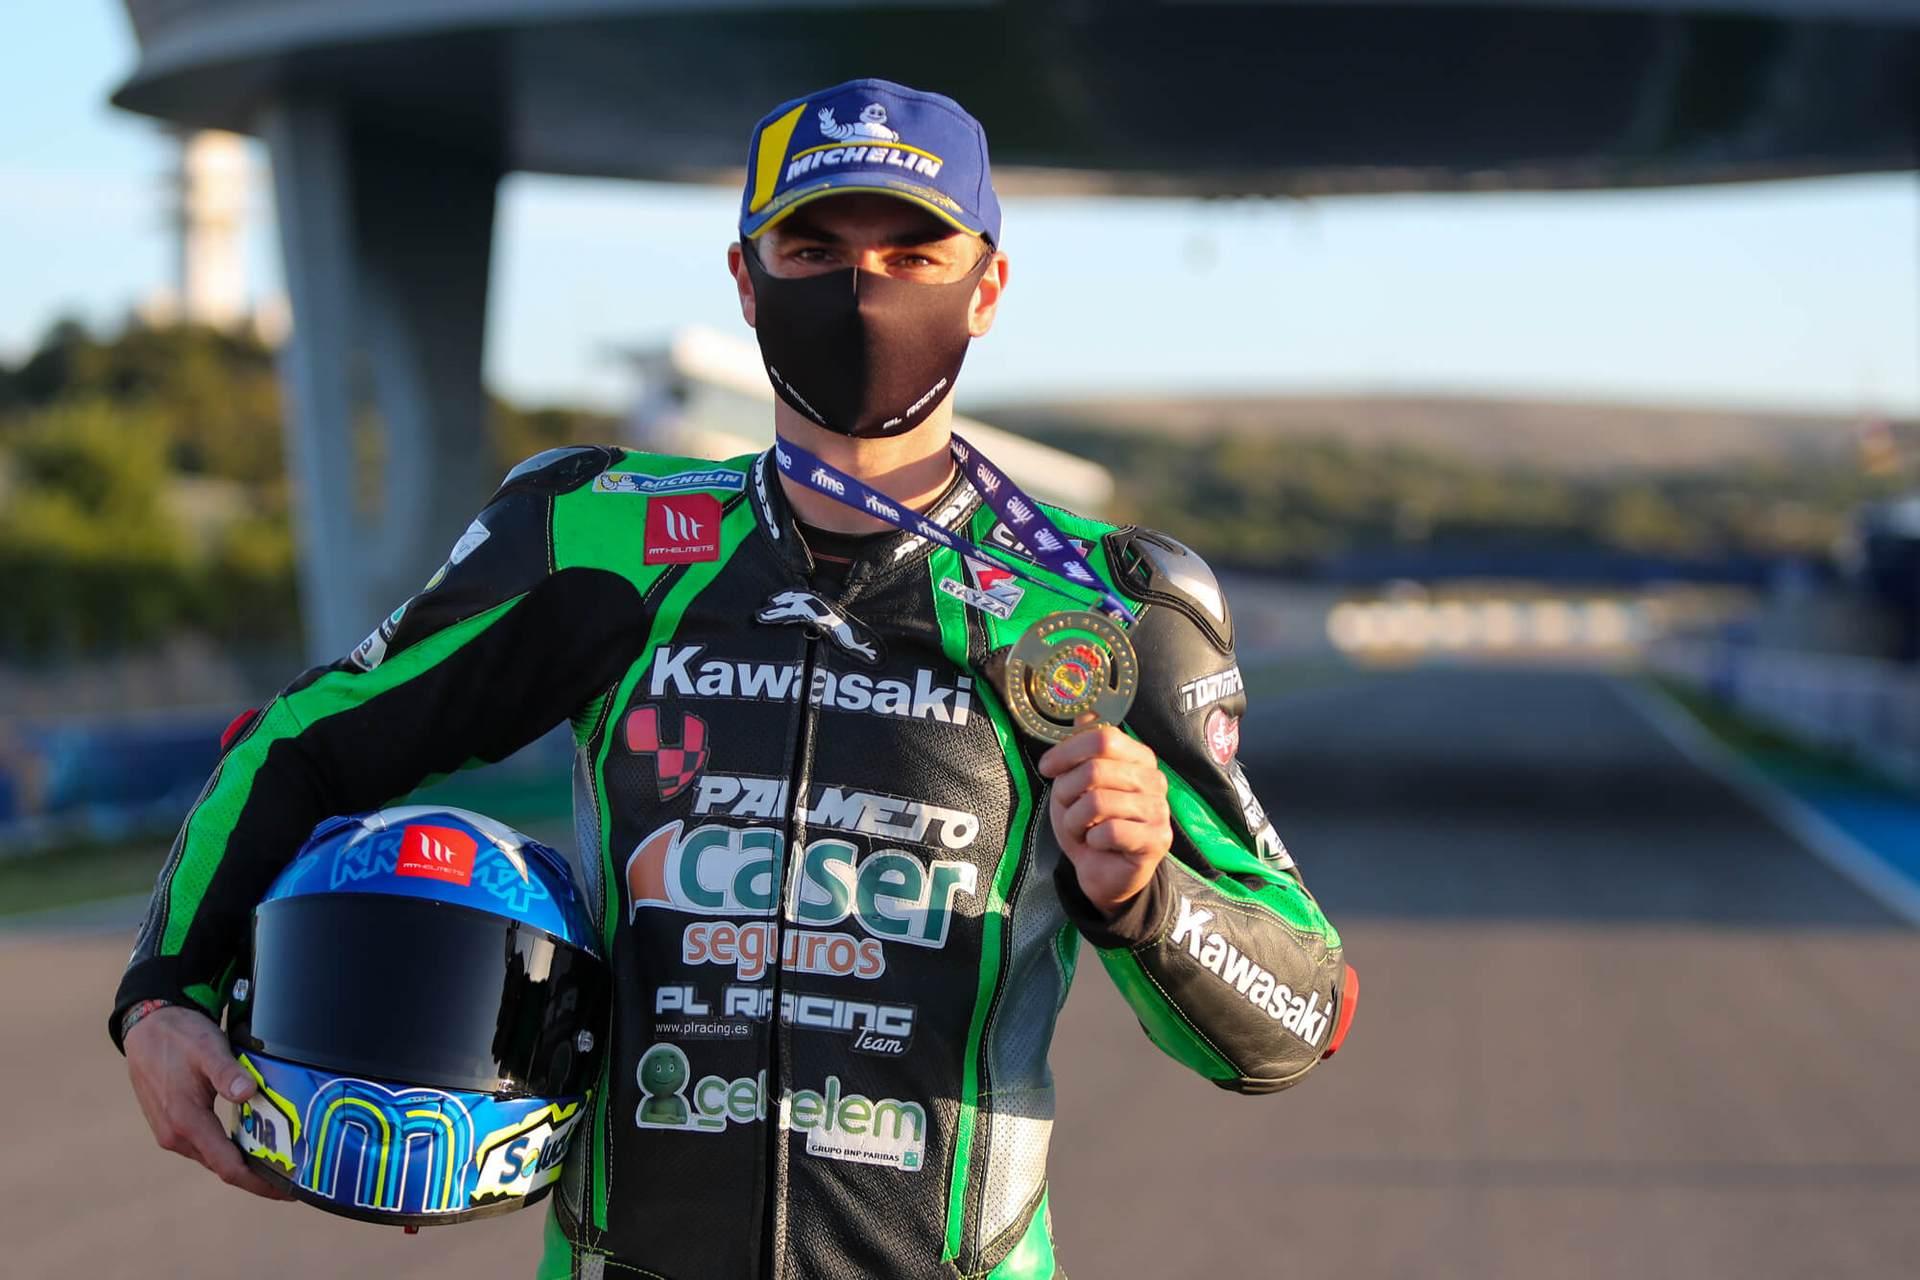 Román Ramos, Campeón de España de Superbike